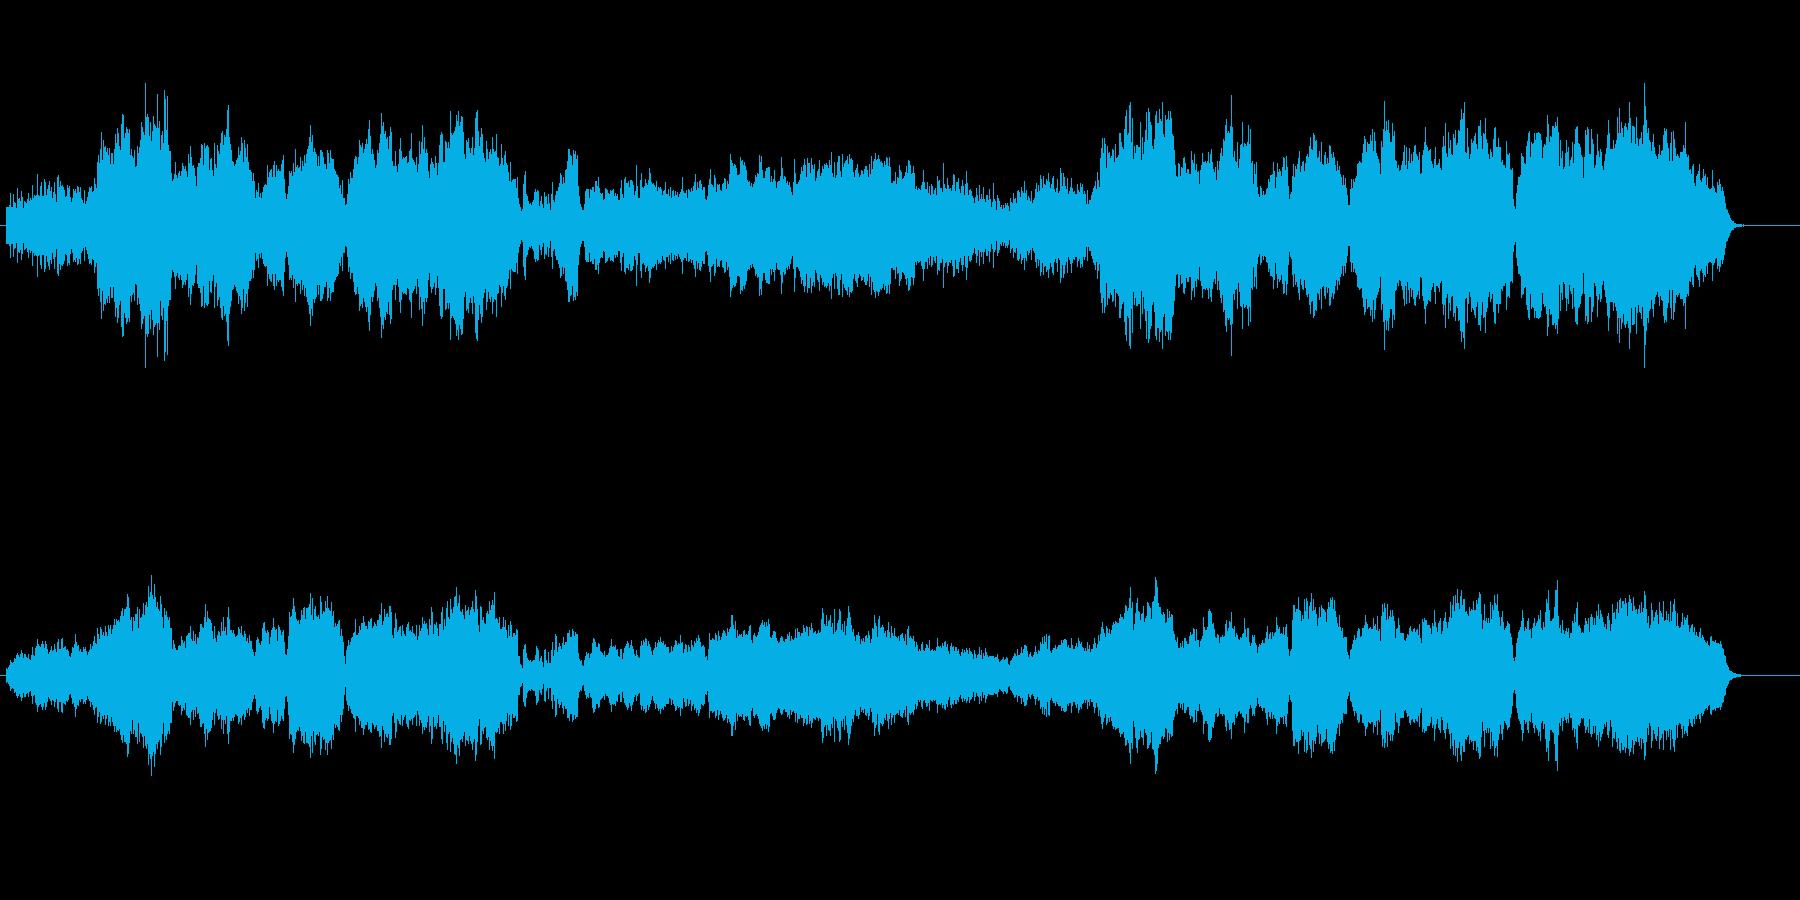 流麗でエレガントなクラシカル風の再生済みの波形